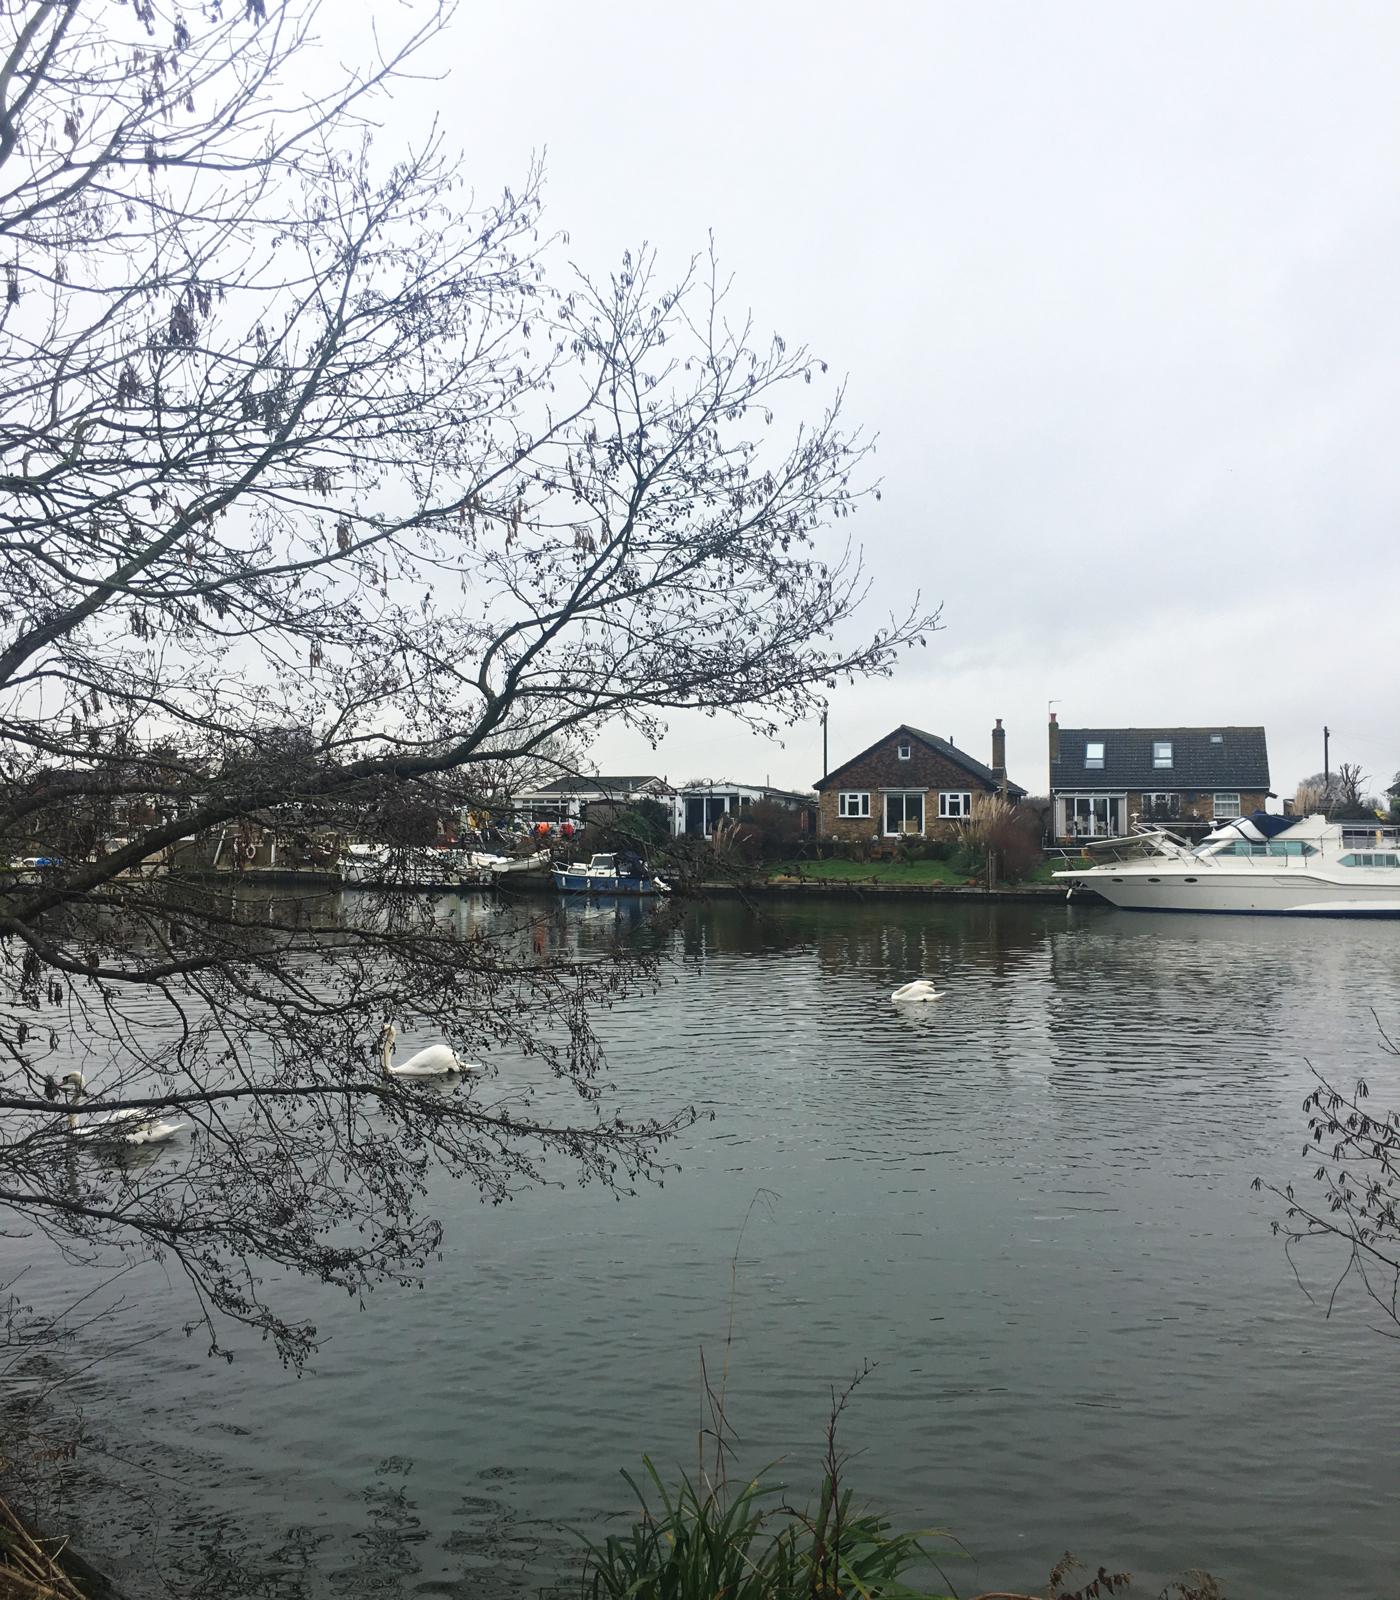 River Thames in Walton